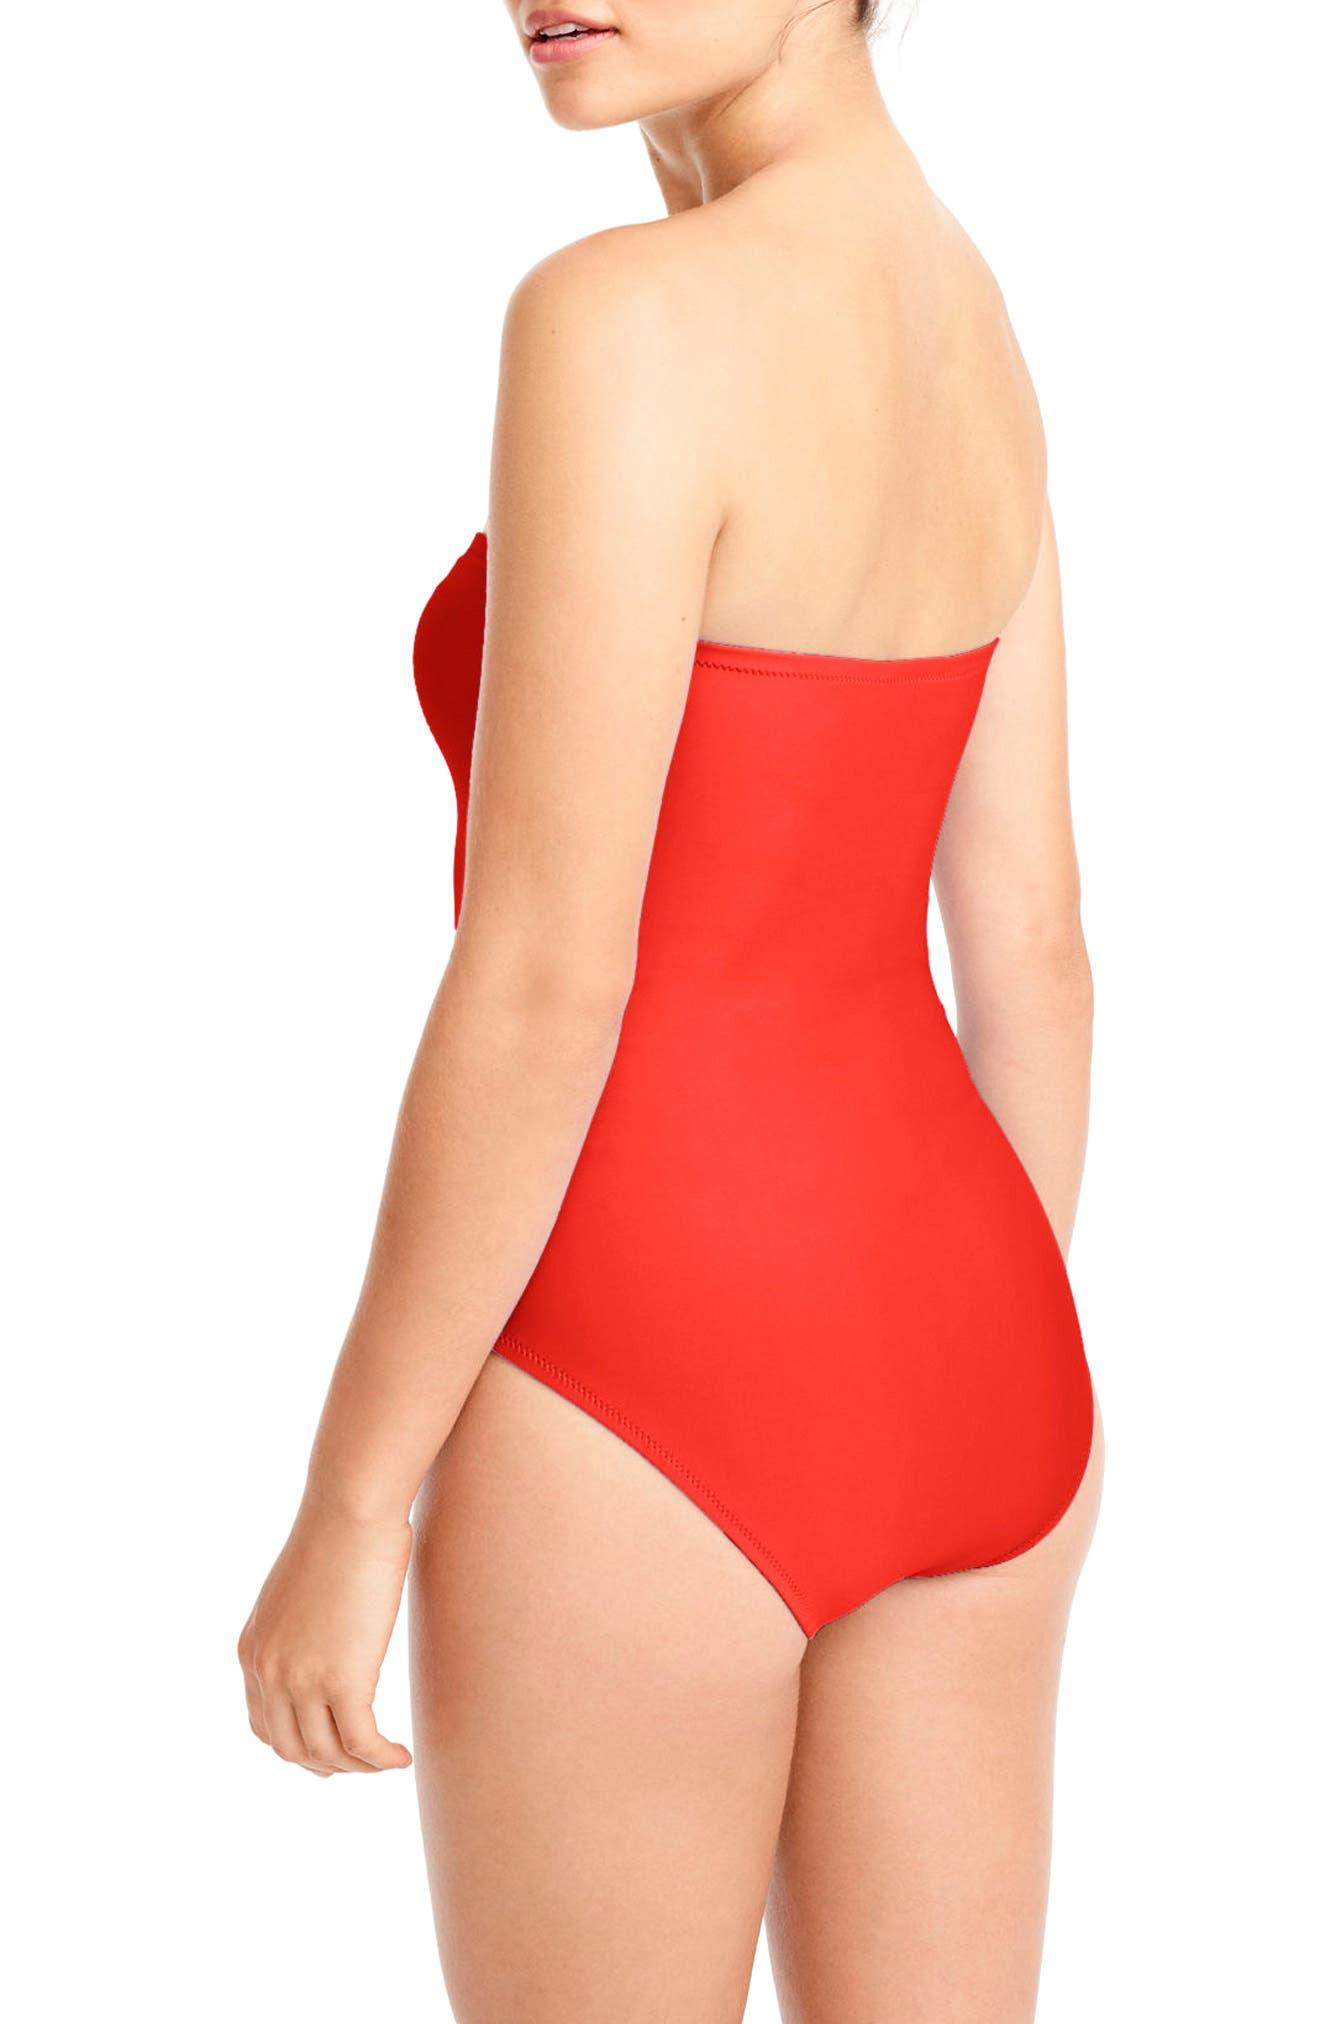 U-Front Bandeau One-Piece Swimsuit,                             Alternate thumbnail 2, color,                             600